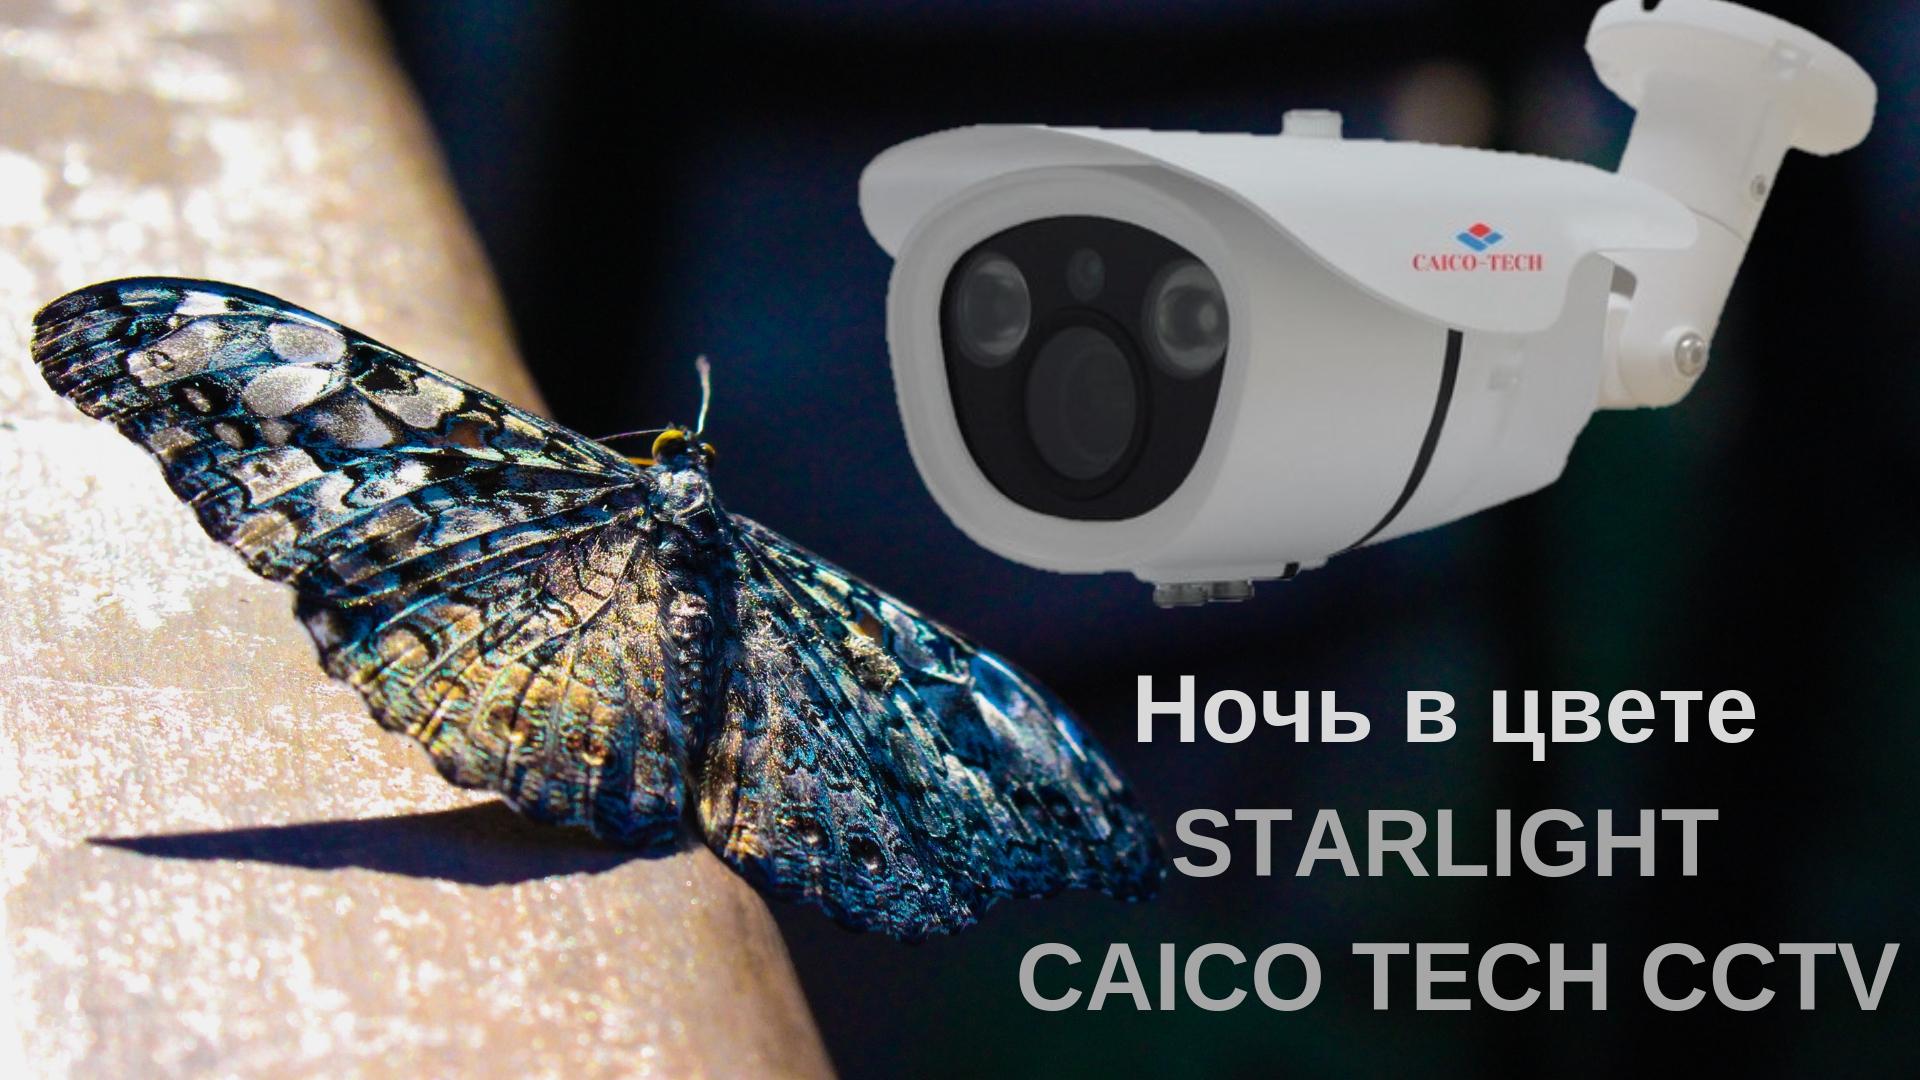 STARLIGHT  CAICO TECH CCTV видеокамеры